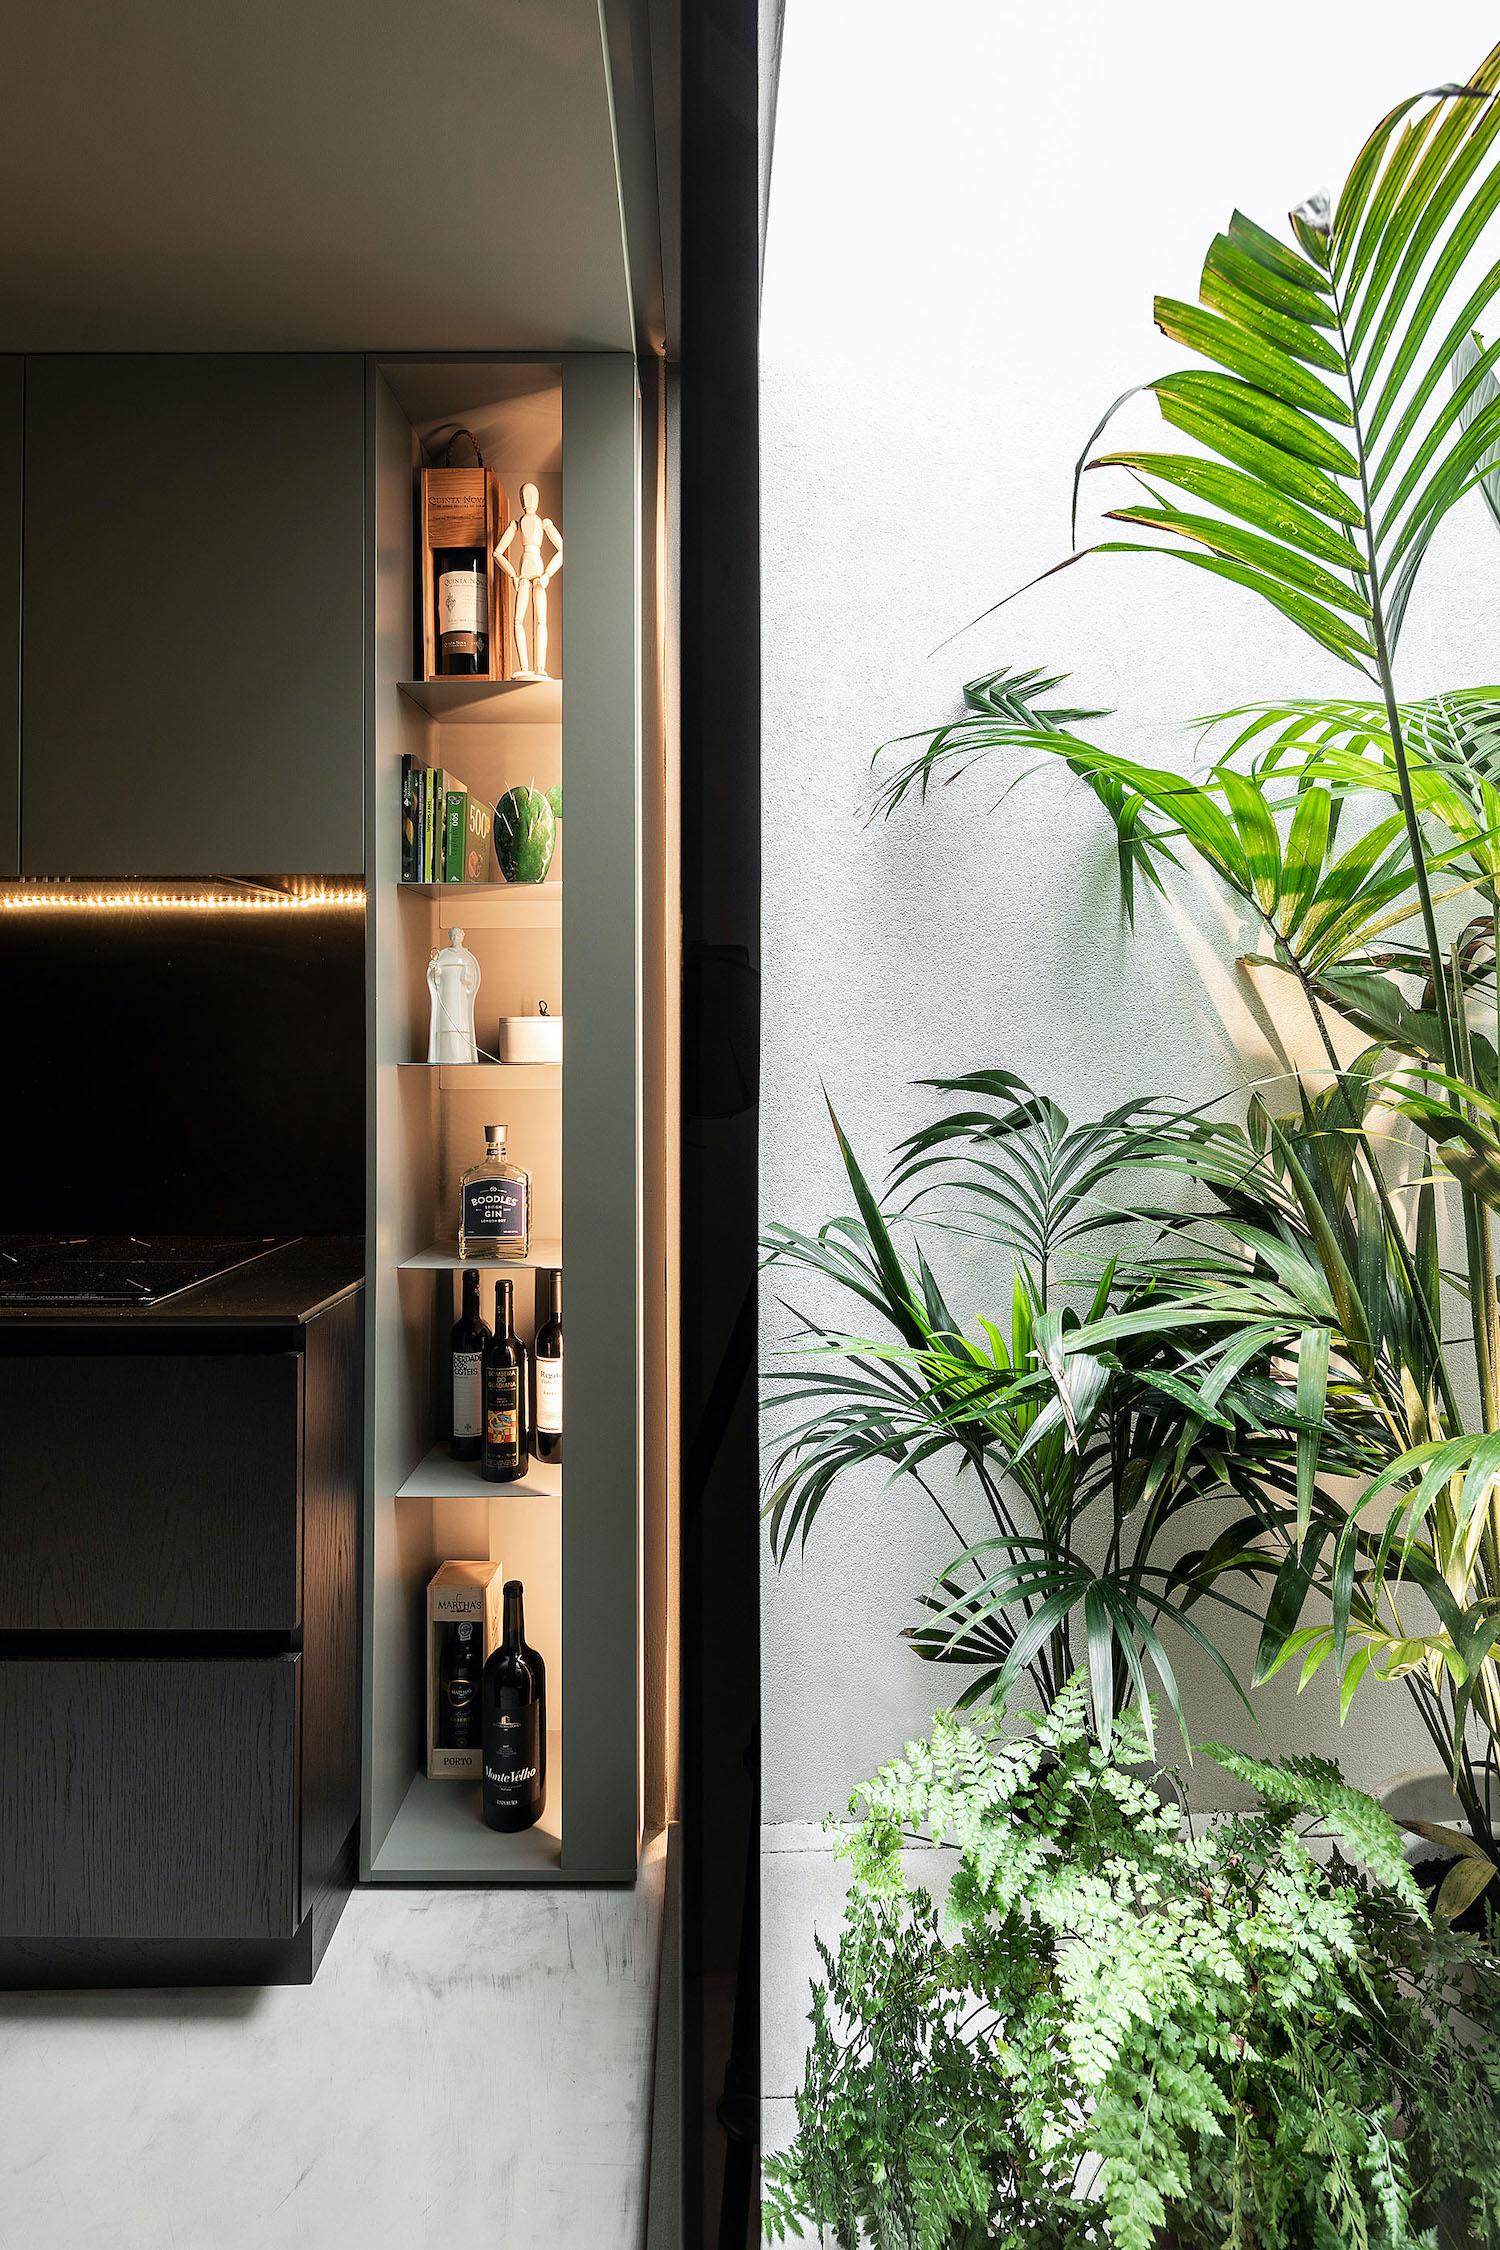 indoor patio with garden plants